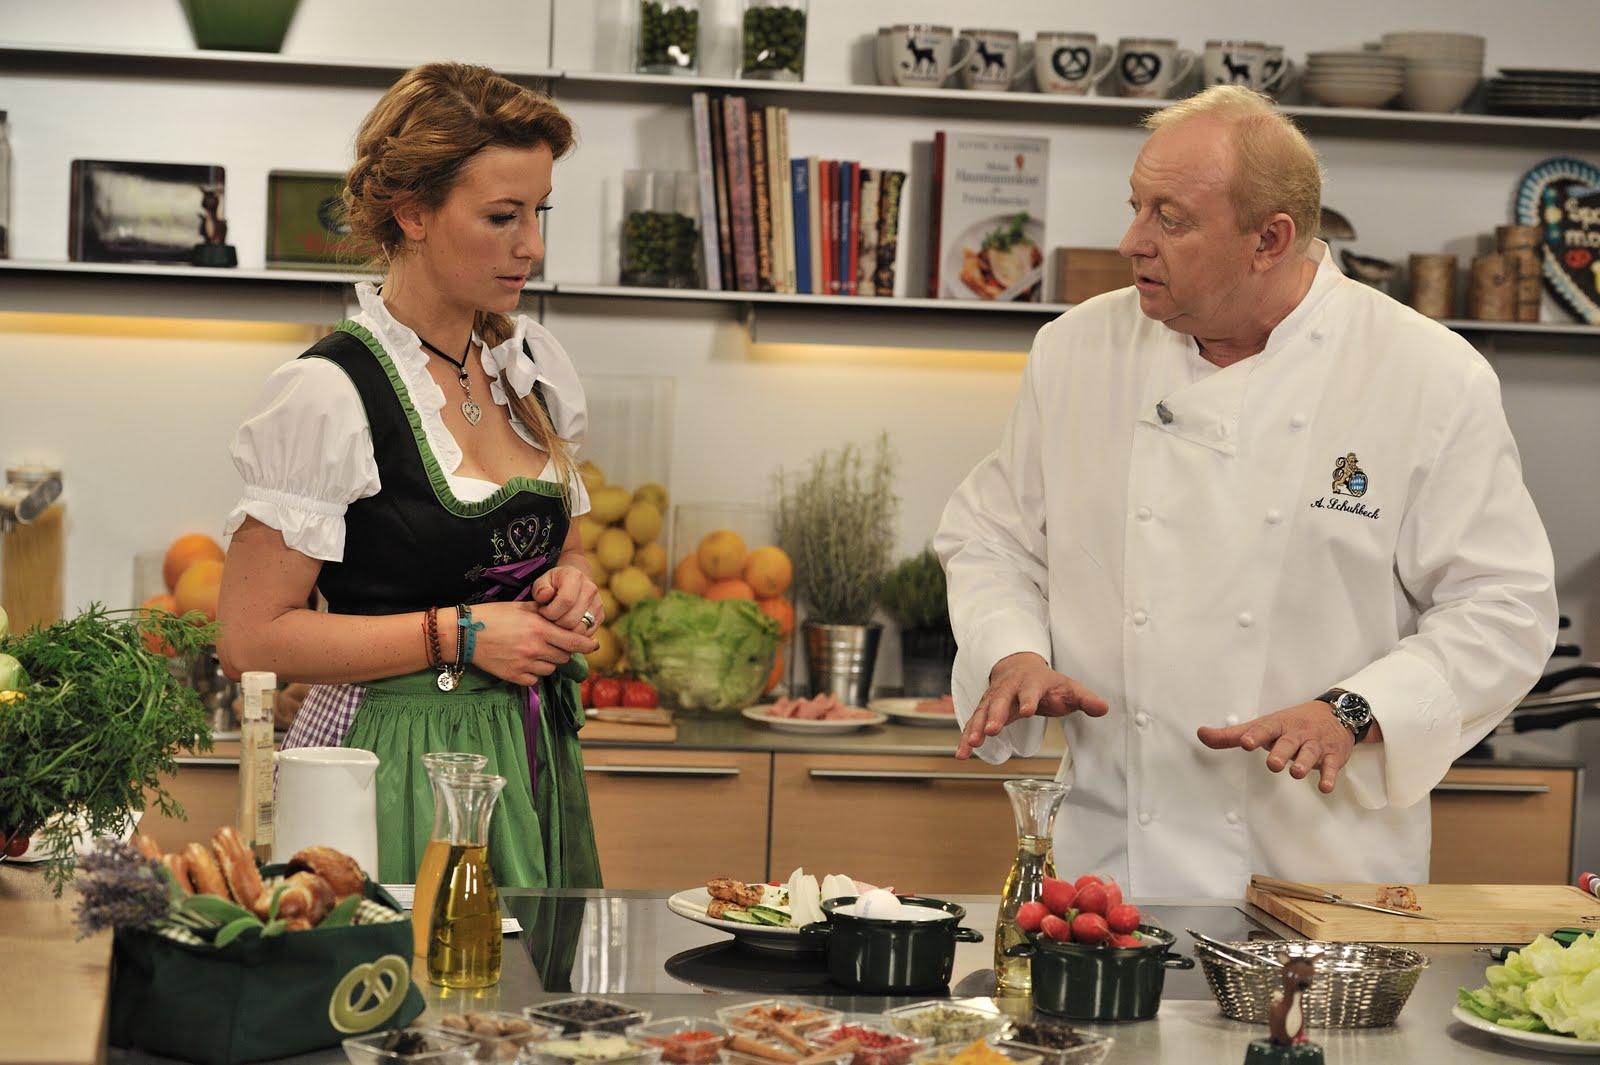 Schuhbecks Kochsendung